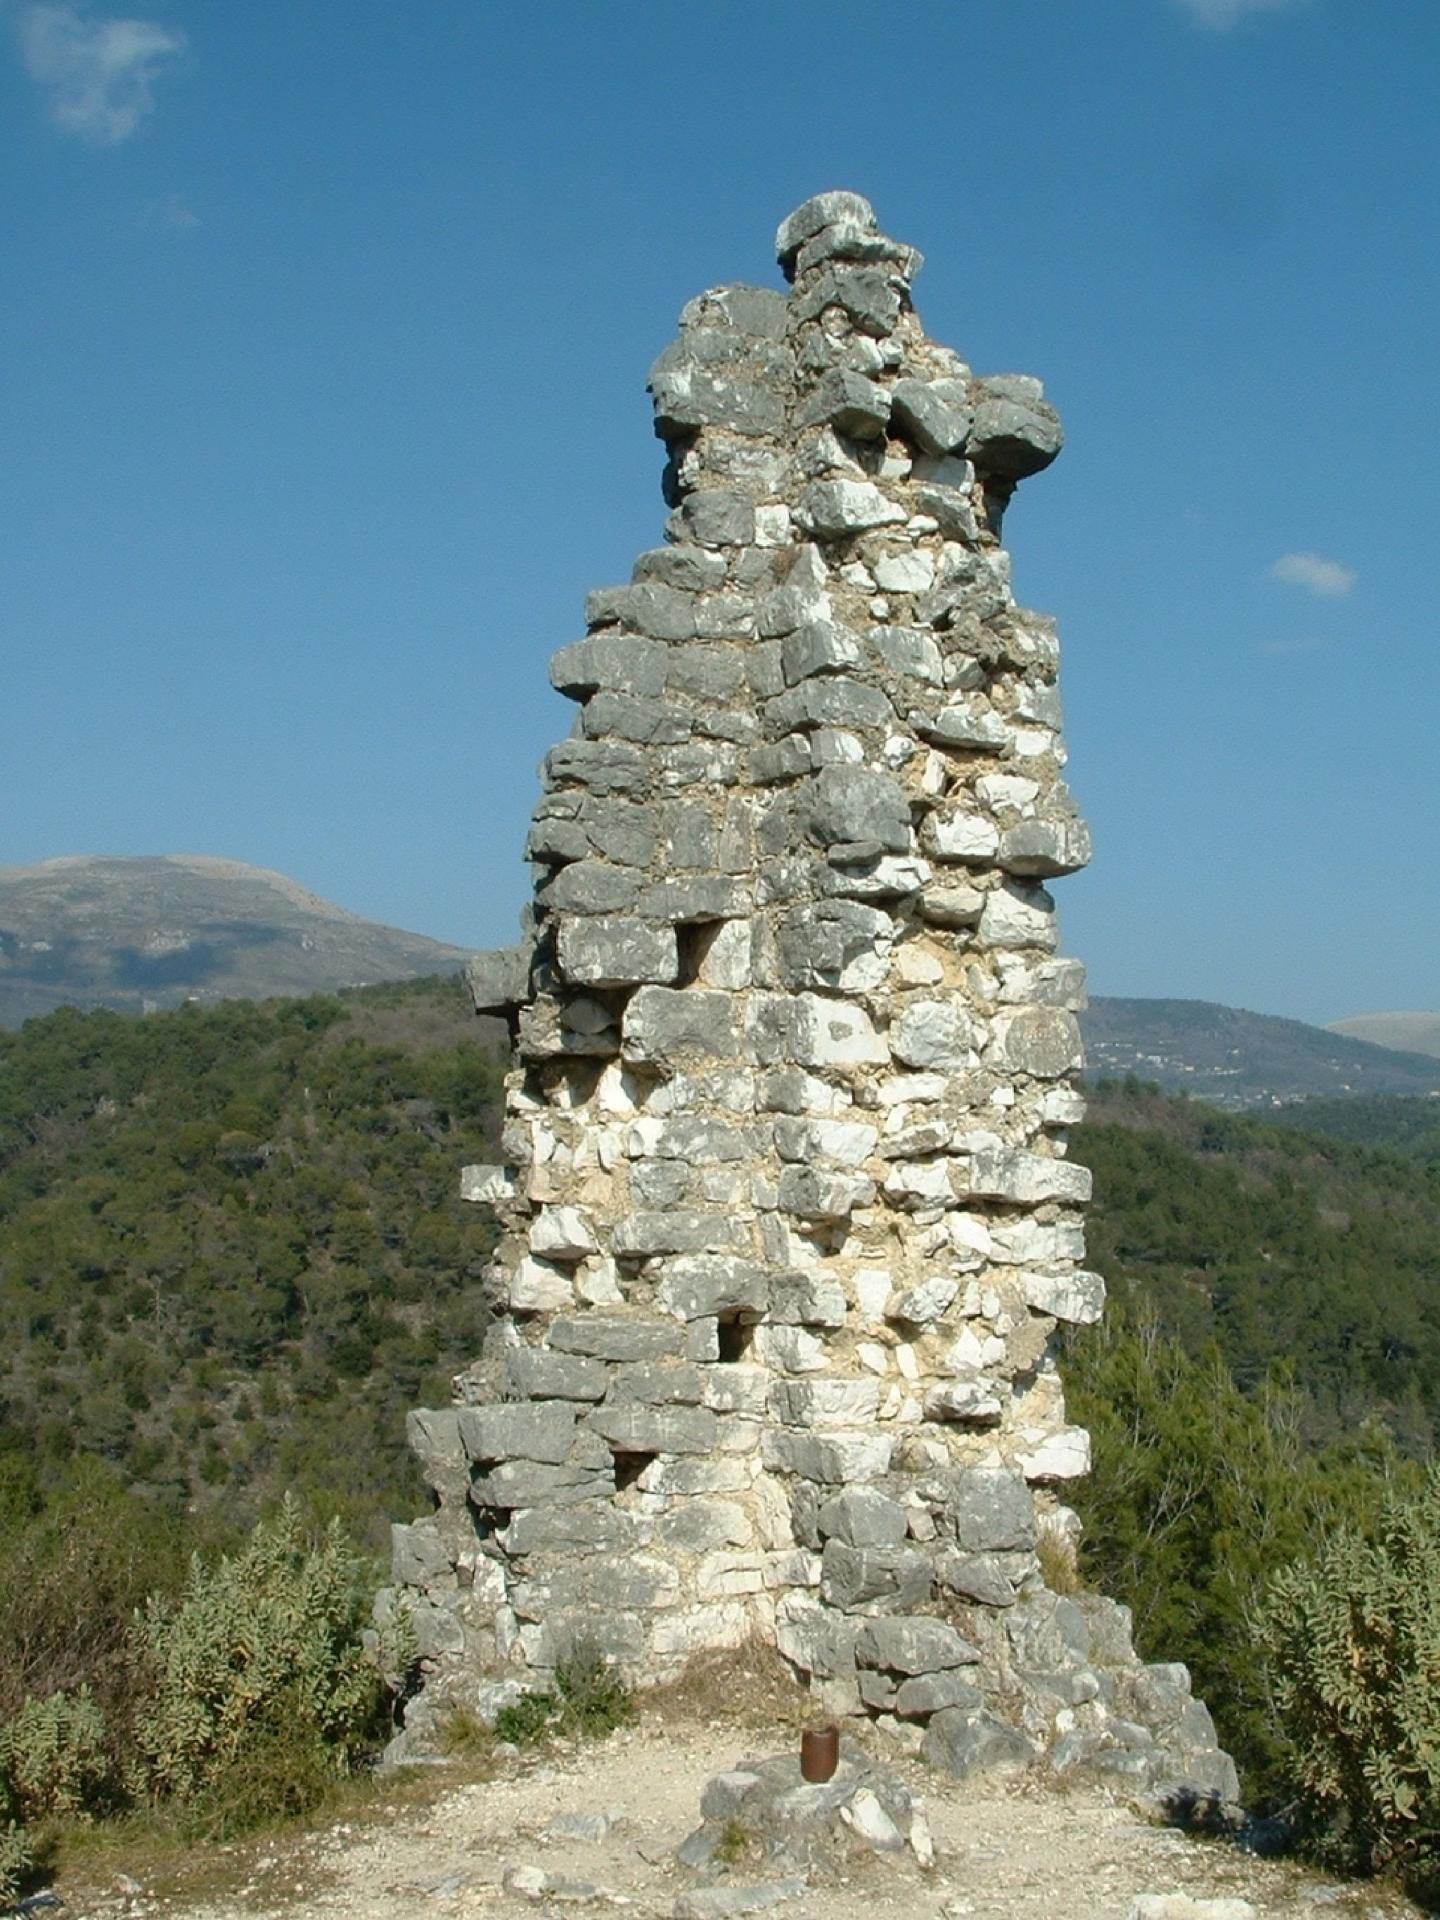 le donjon surplombe la partie haute du site médiéval.